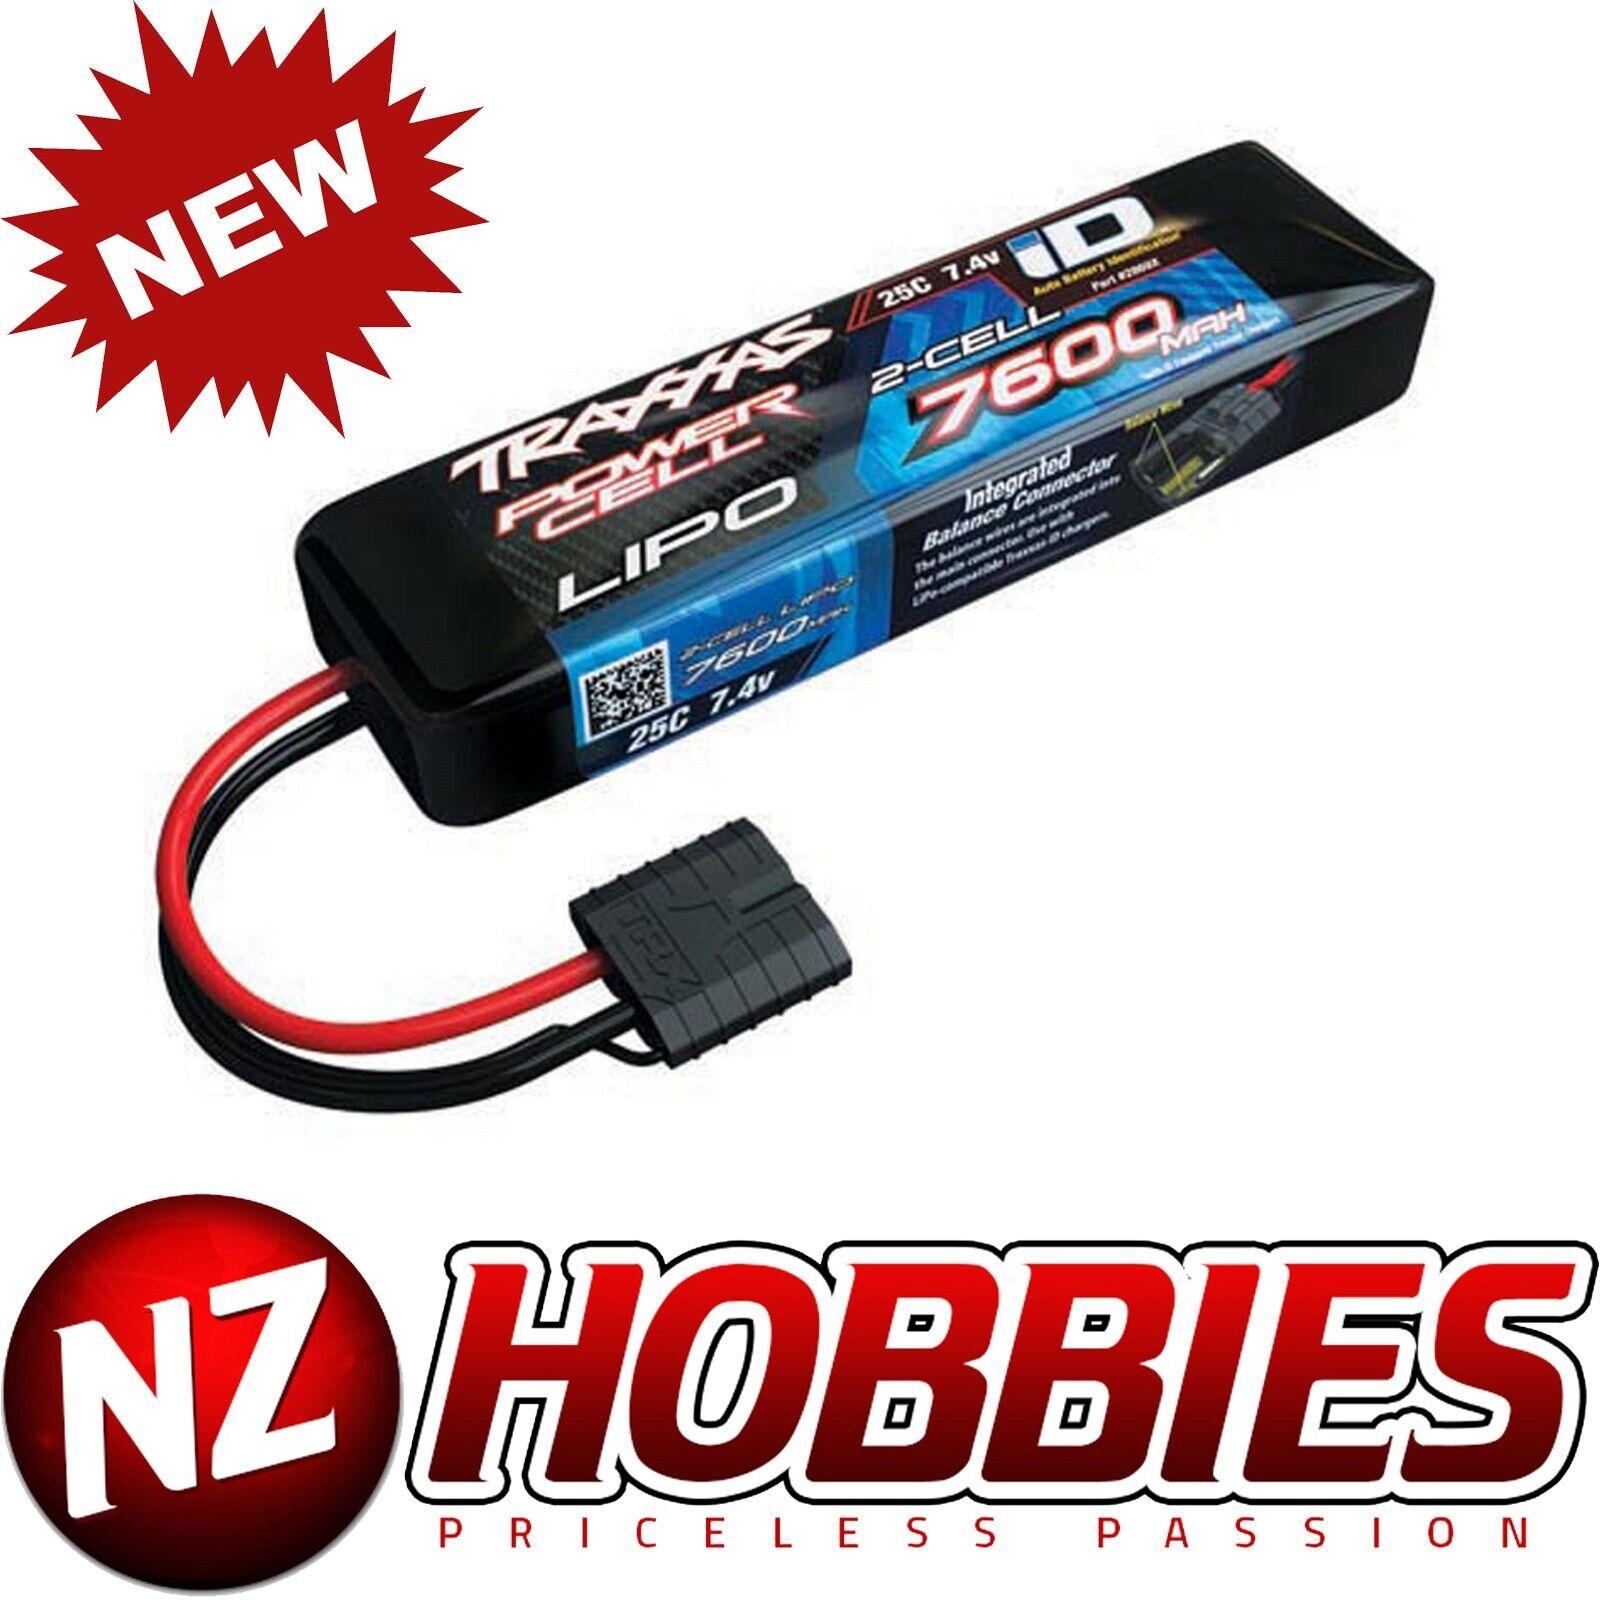 Traxxas 2869X 2S 7.4V 7600mAh 25C Batteria  Lipo W  Id  E-Maxx E-Revo Burshless  il più alla moda